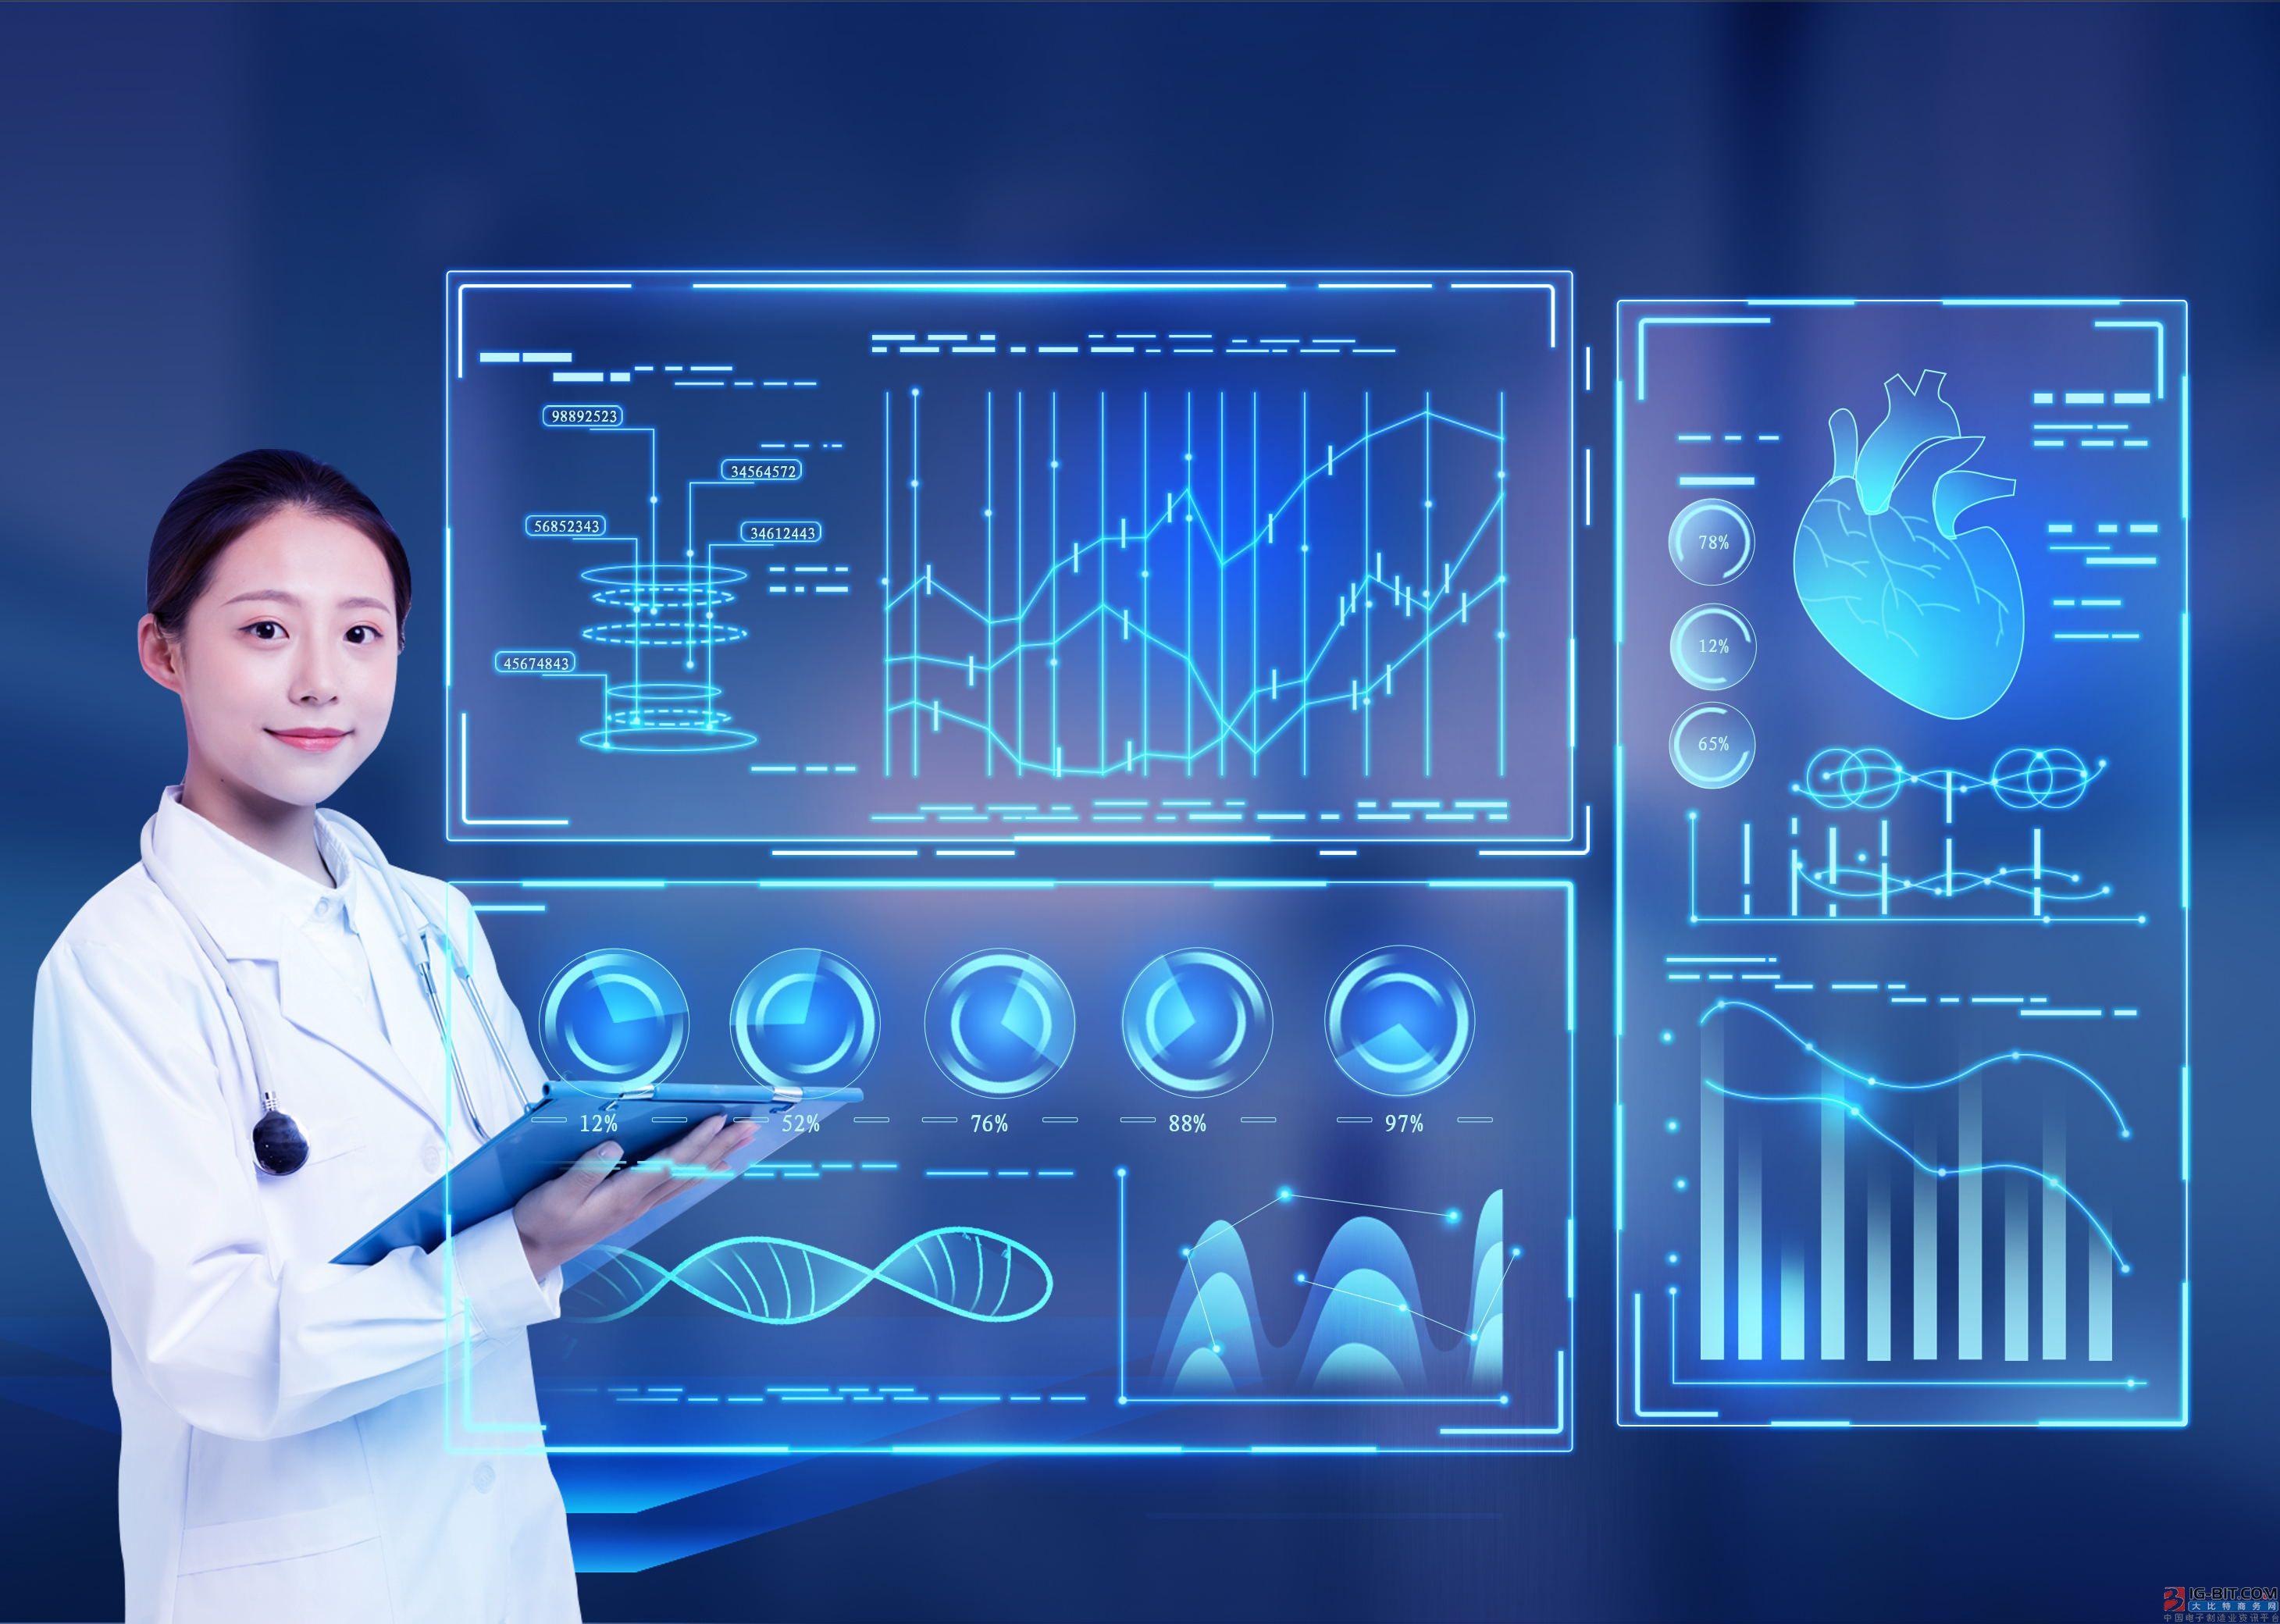 大数据技术将全面重新构建医疗生态